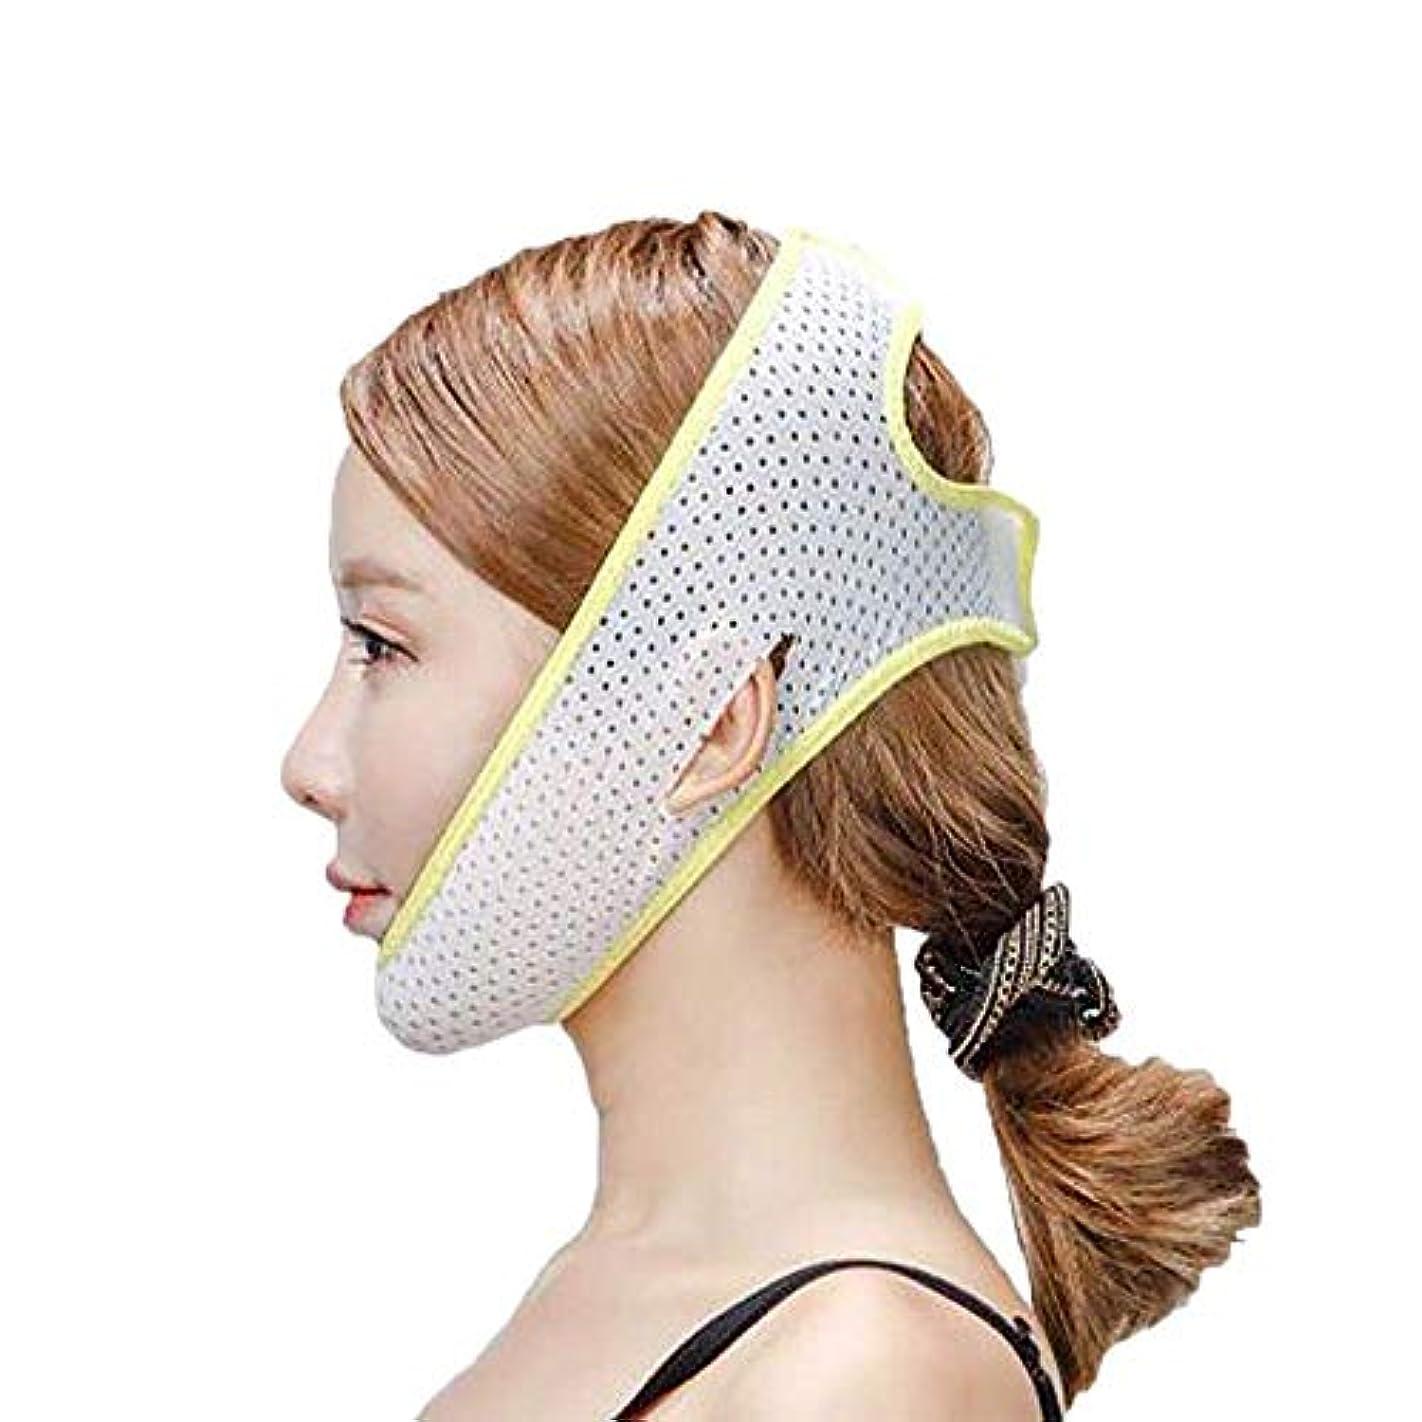 脳モザイク出血フェイスリフトマスク、ダブルチンストラップ、フェイシャル減量マスク、フェイシャルダブルチンケアスリミングマスク、リンクルマスク(フリーサイズ)(カラー:ブラック),黄